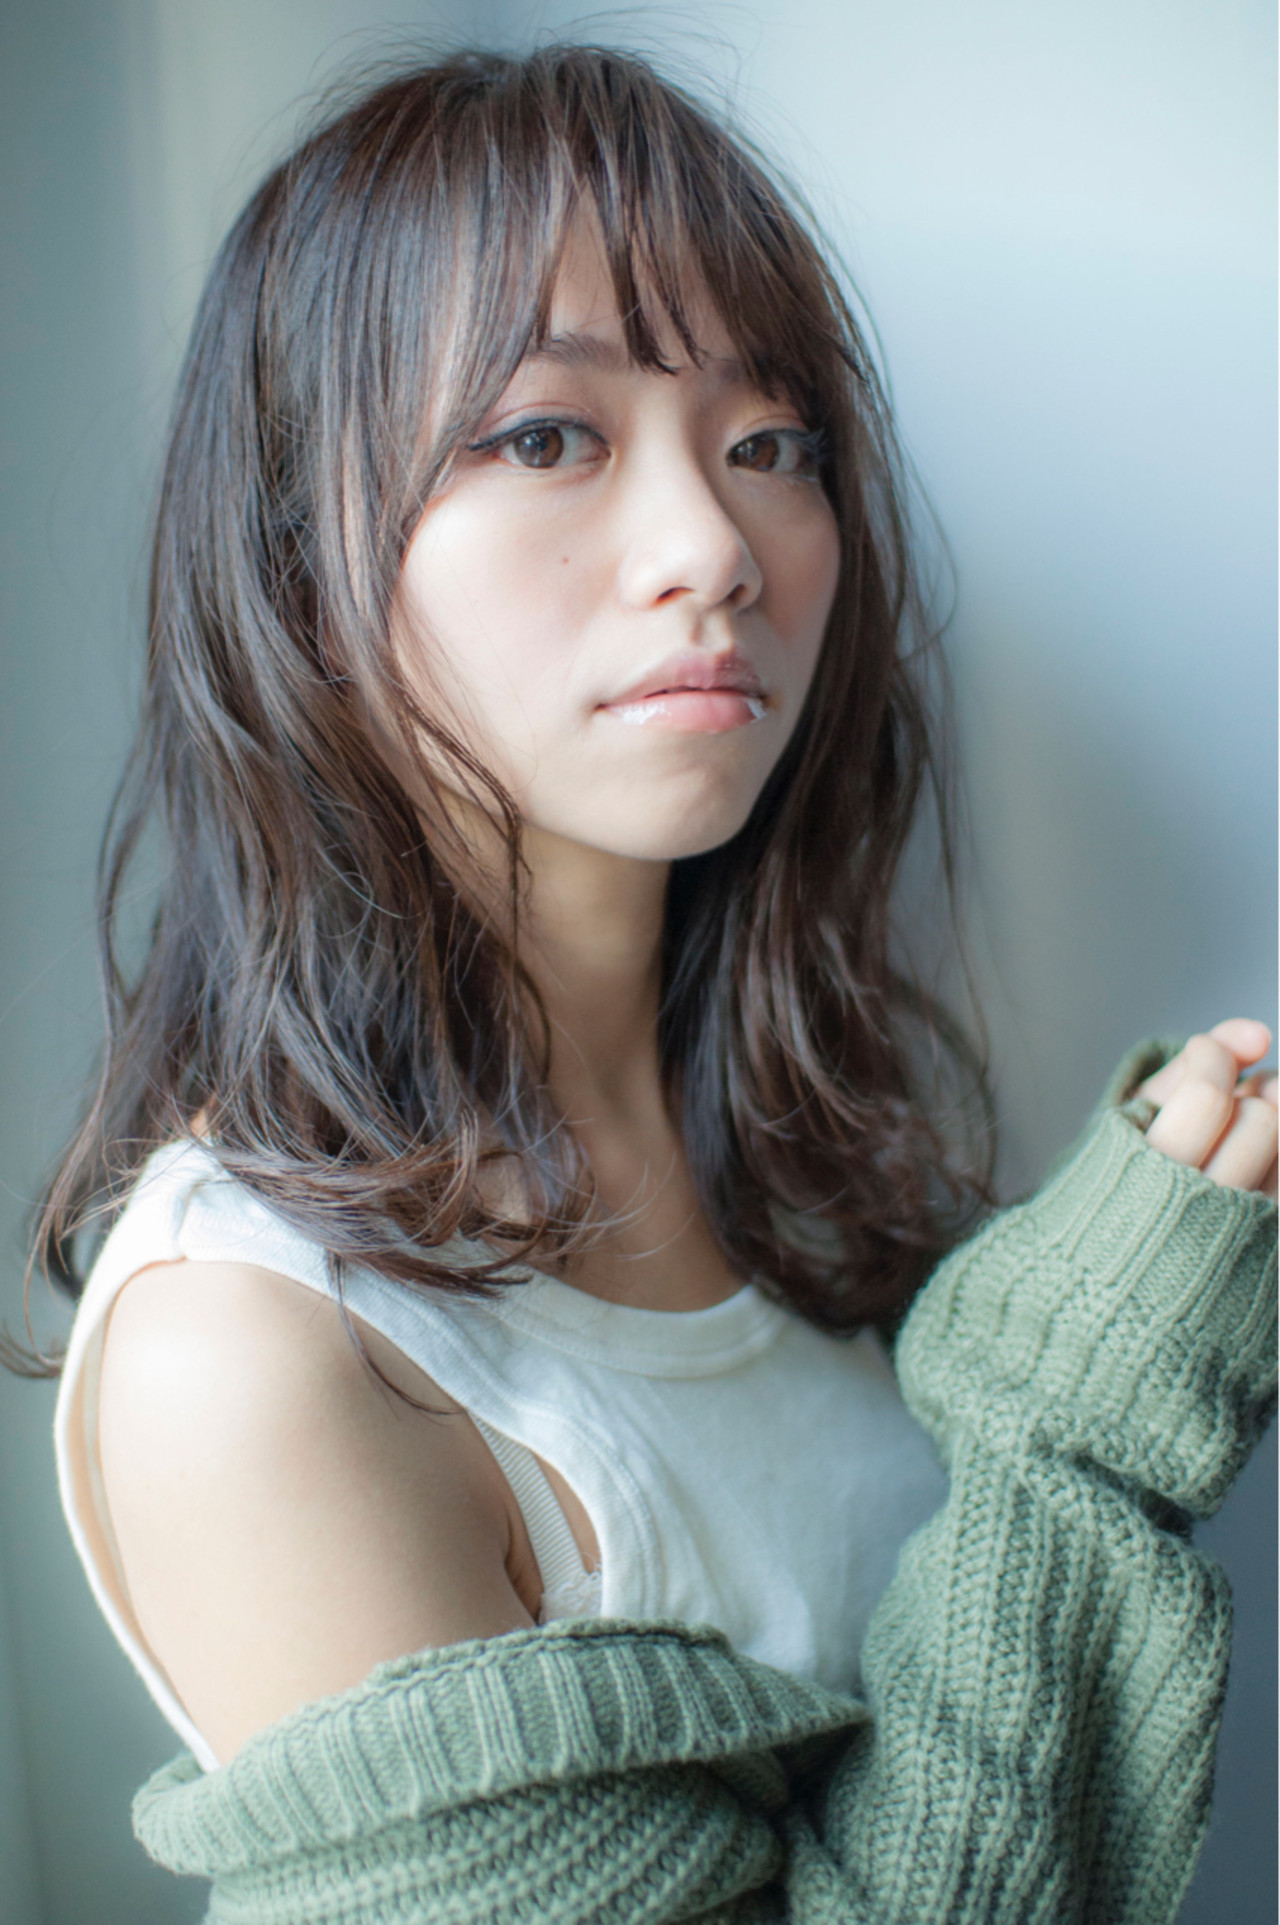 ゆるふわ ミディアム ストリート 前髪あり ヘアスタイルや髪型の写真・画像 | 力石サトシ HOMIE Tokyo /   HOMIE TOKYO